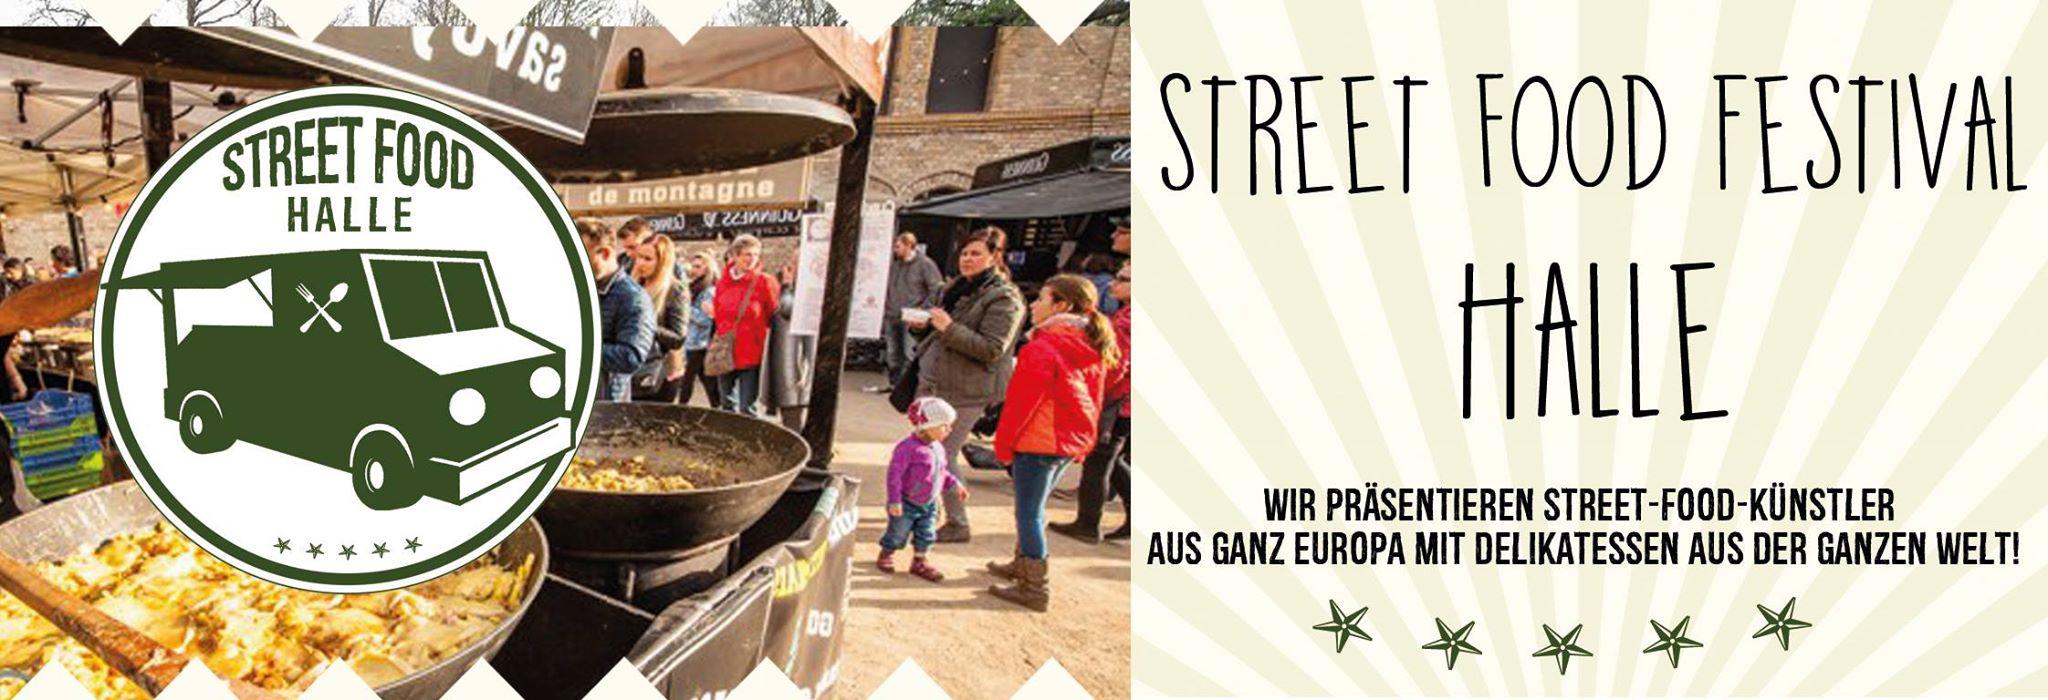 street food festival am wochenende abgesagt du bist halle. Black Bedroom Furniture Sets. Home Design Ideas